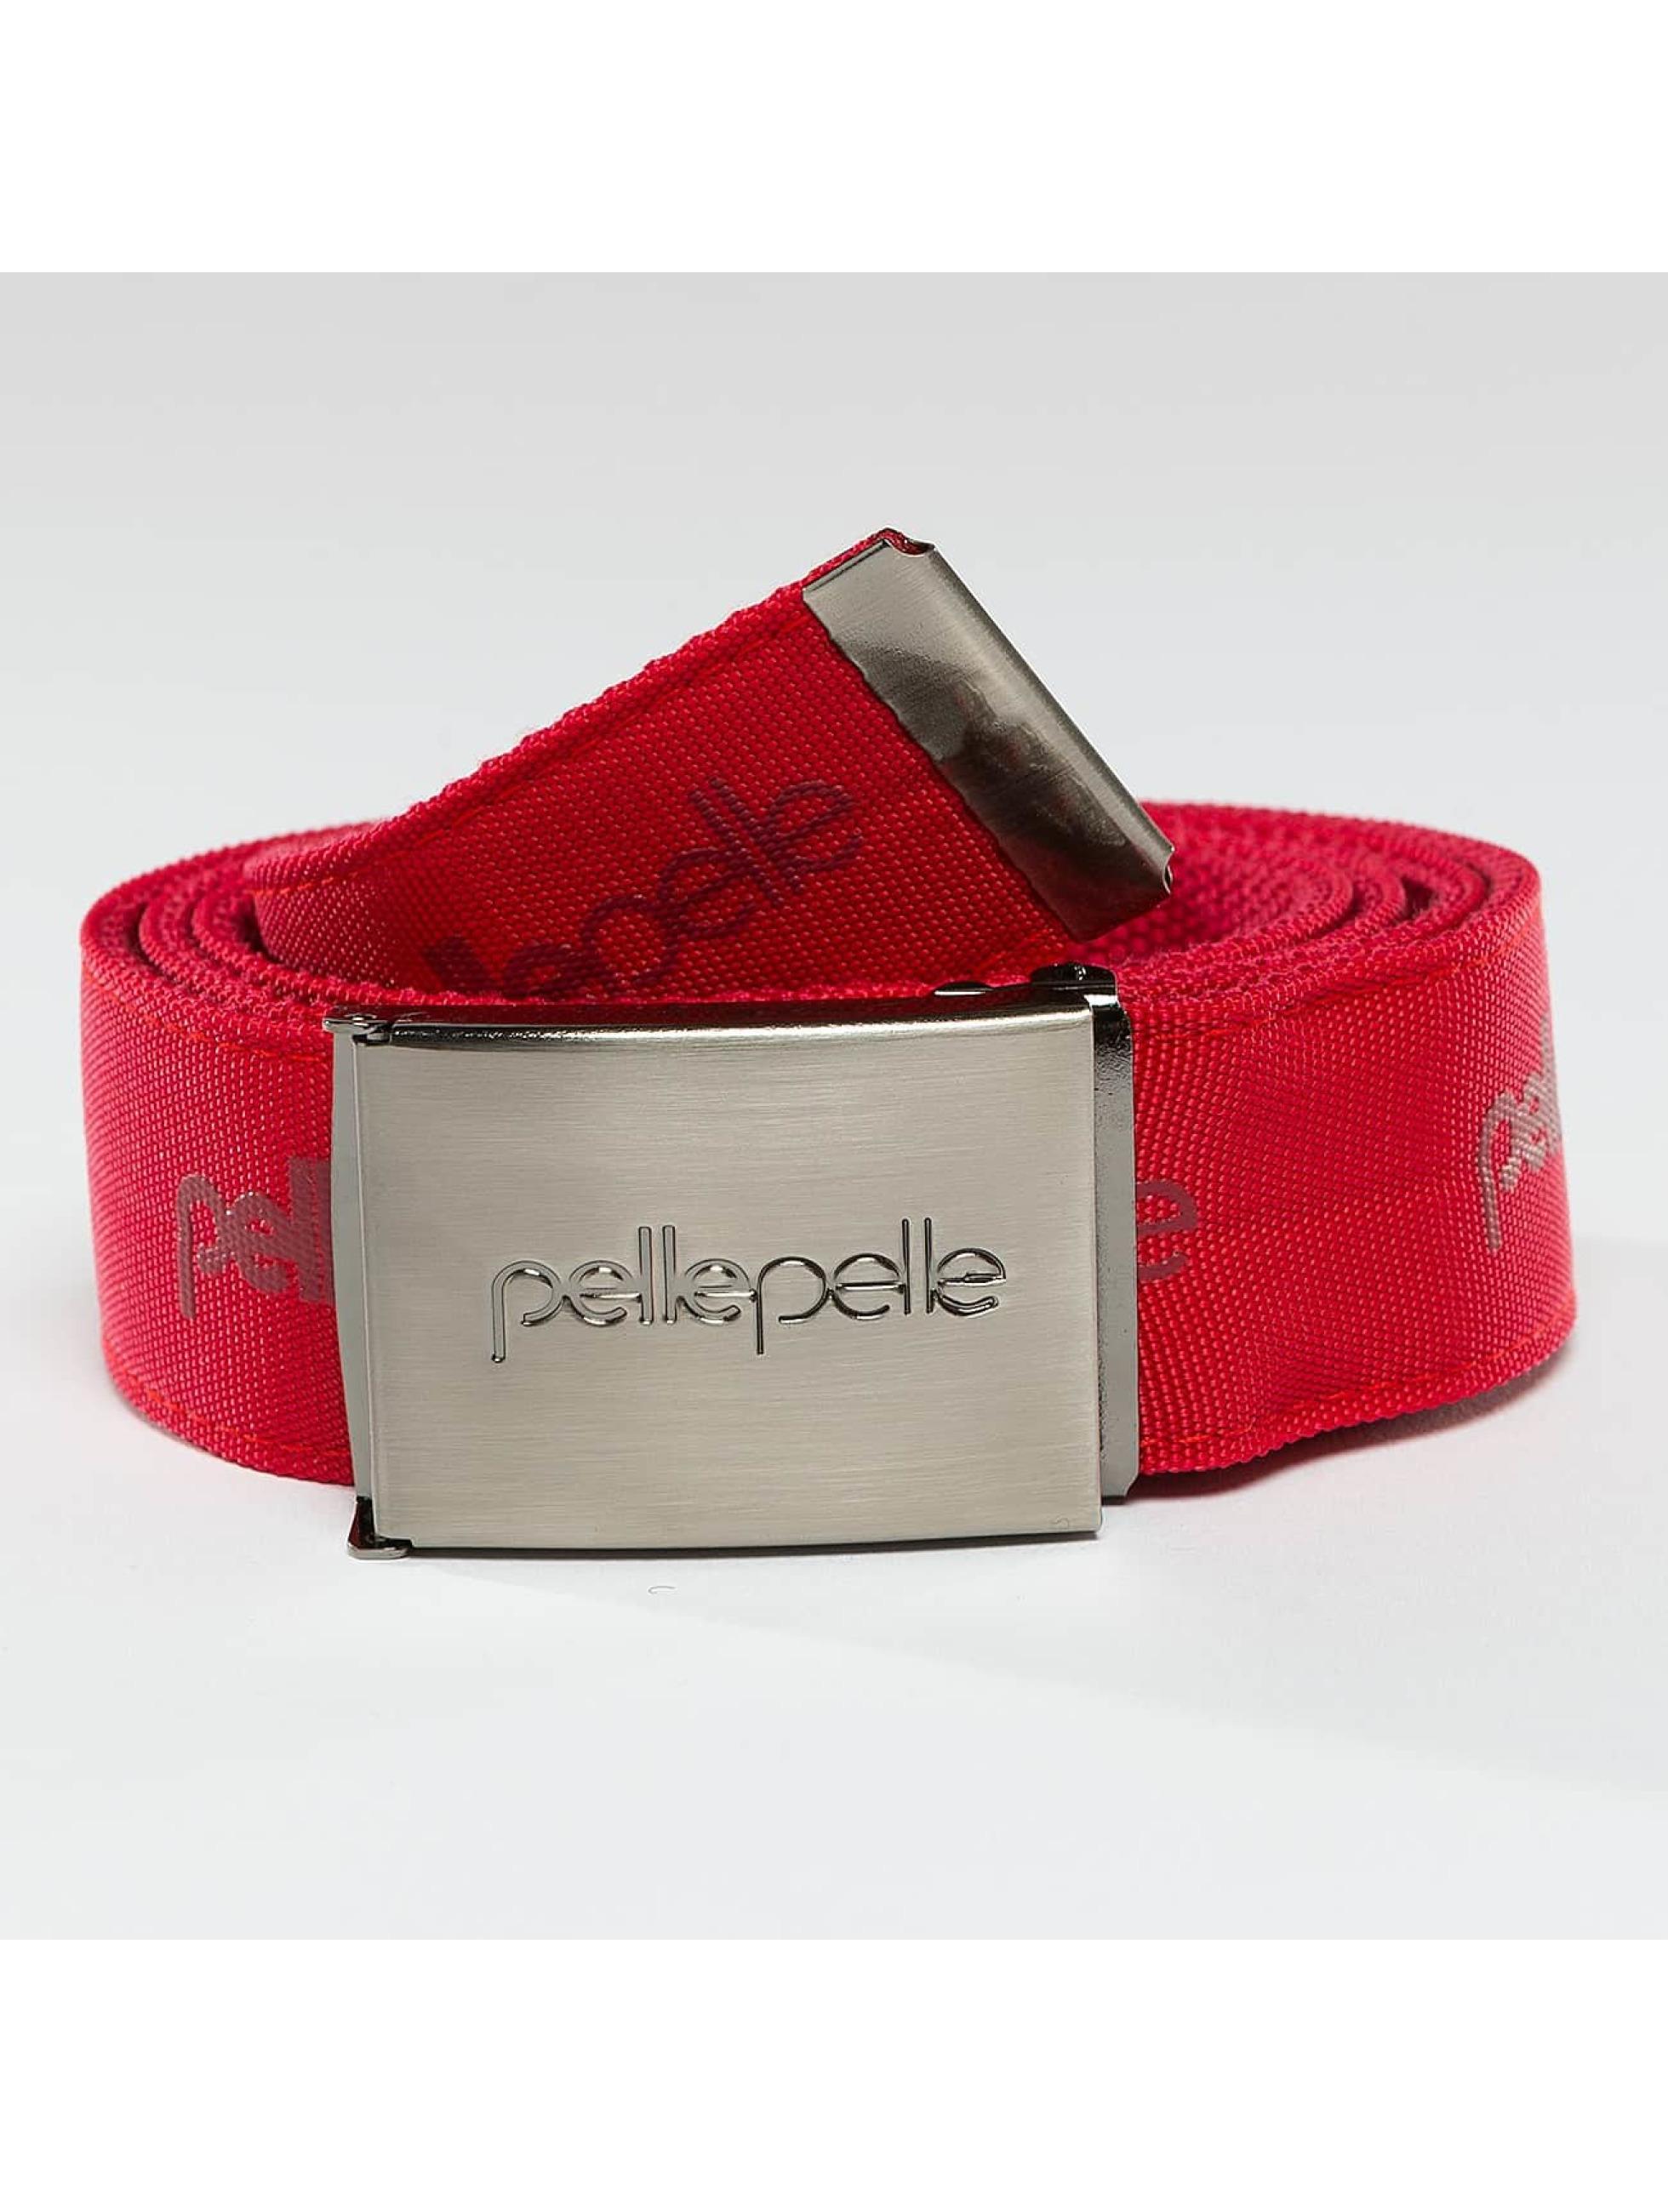 753f2610b40d Pelle Pelle   Core Army rouge Homme Ceinture Pelle Pelle acheter pas cher  Accessoires 408685